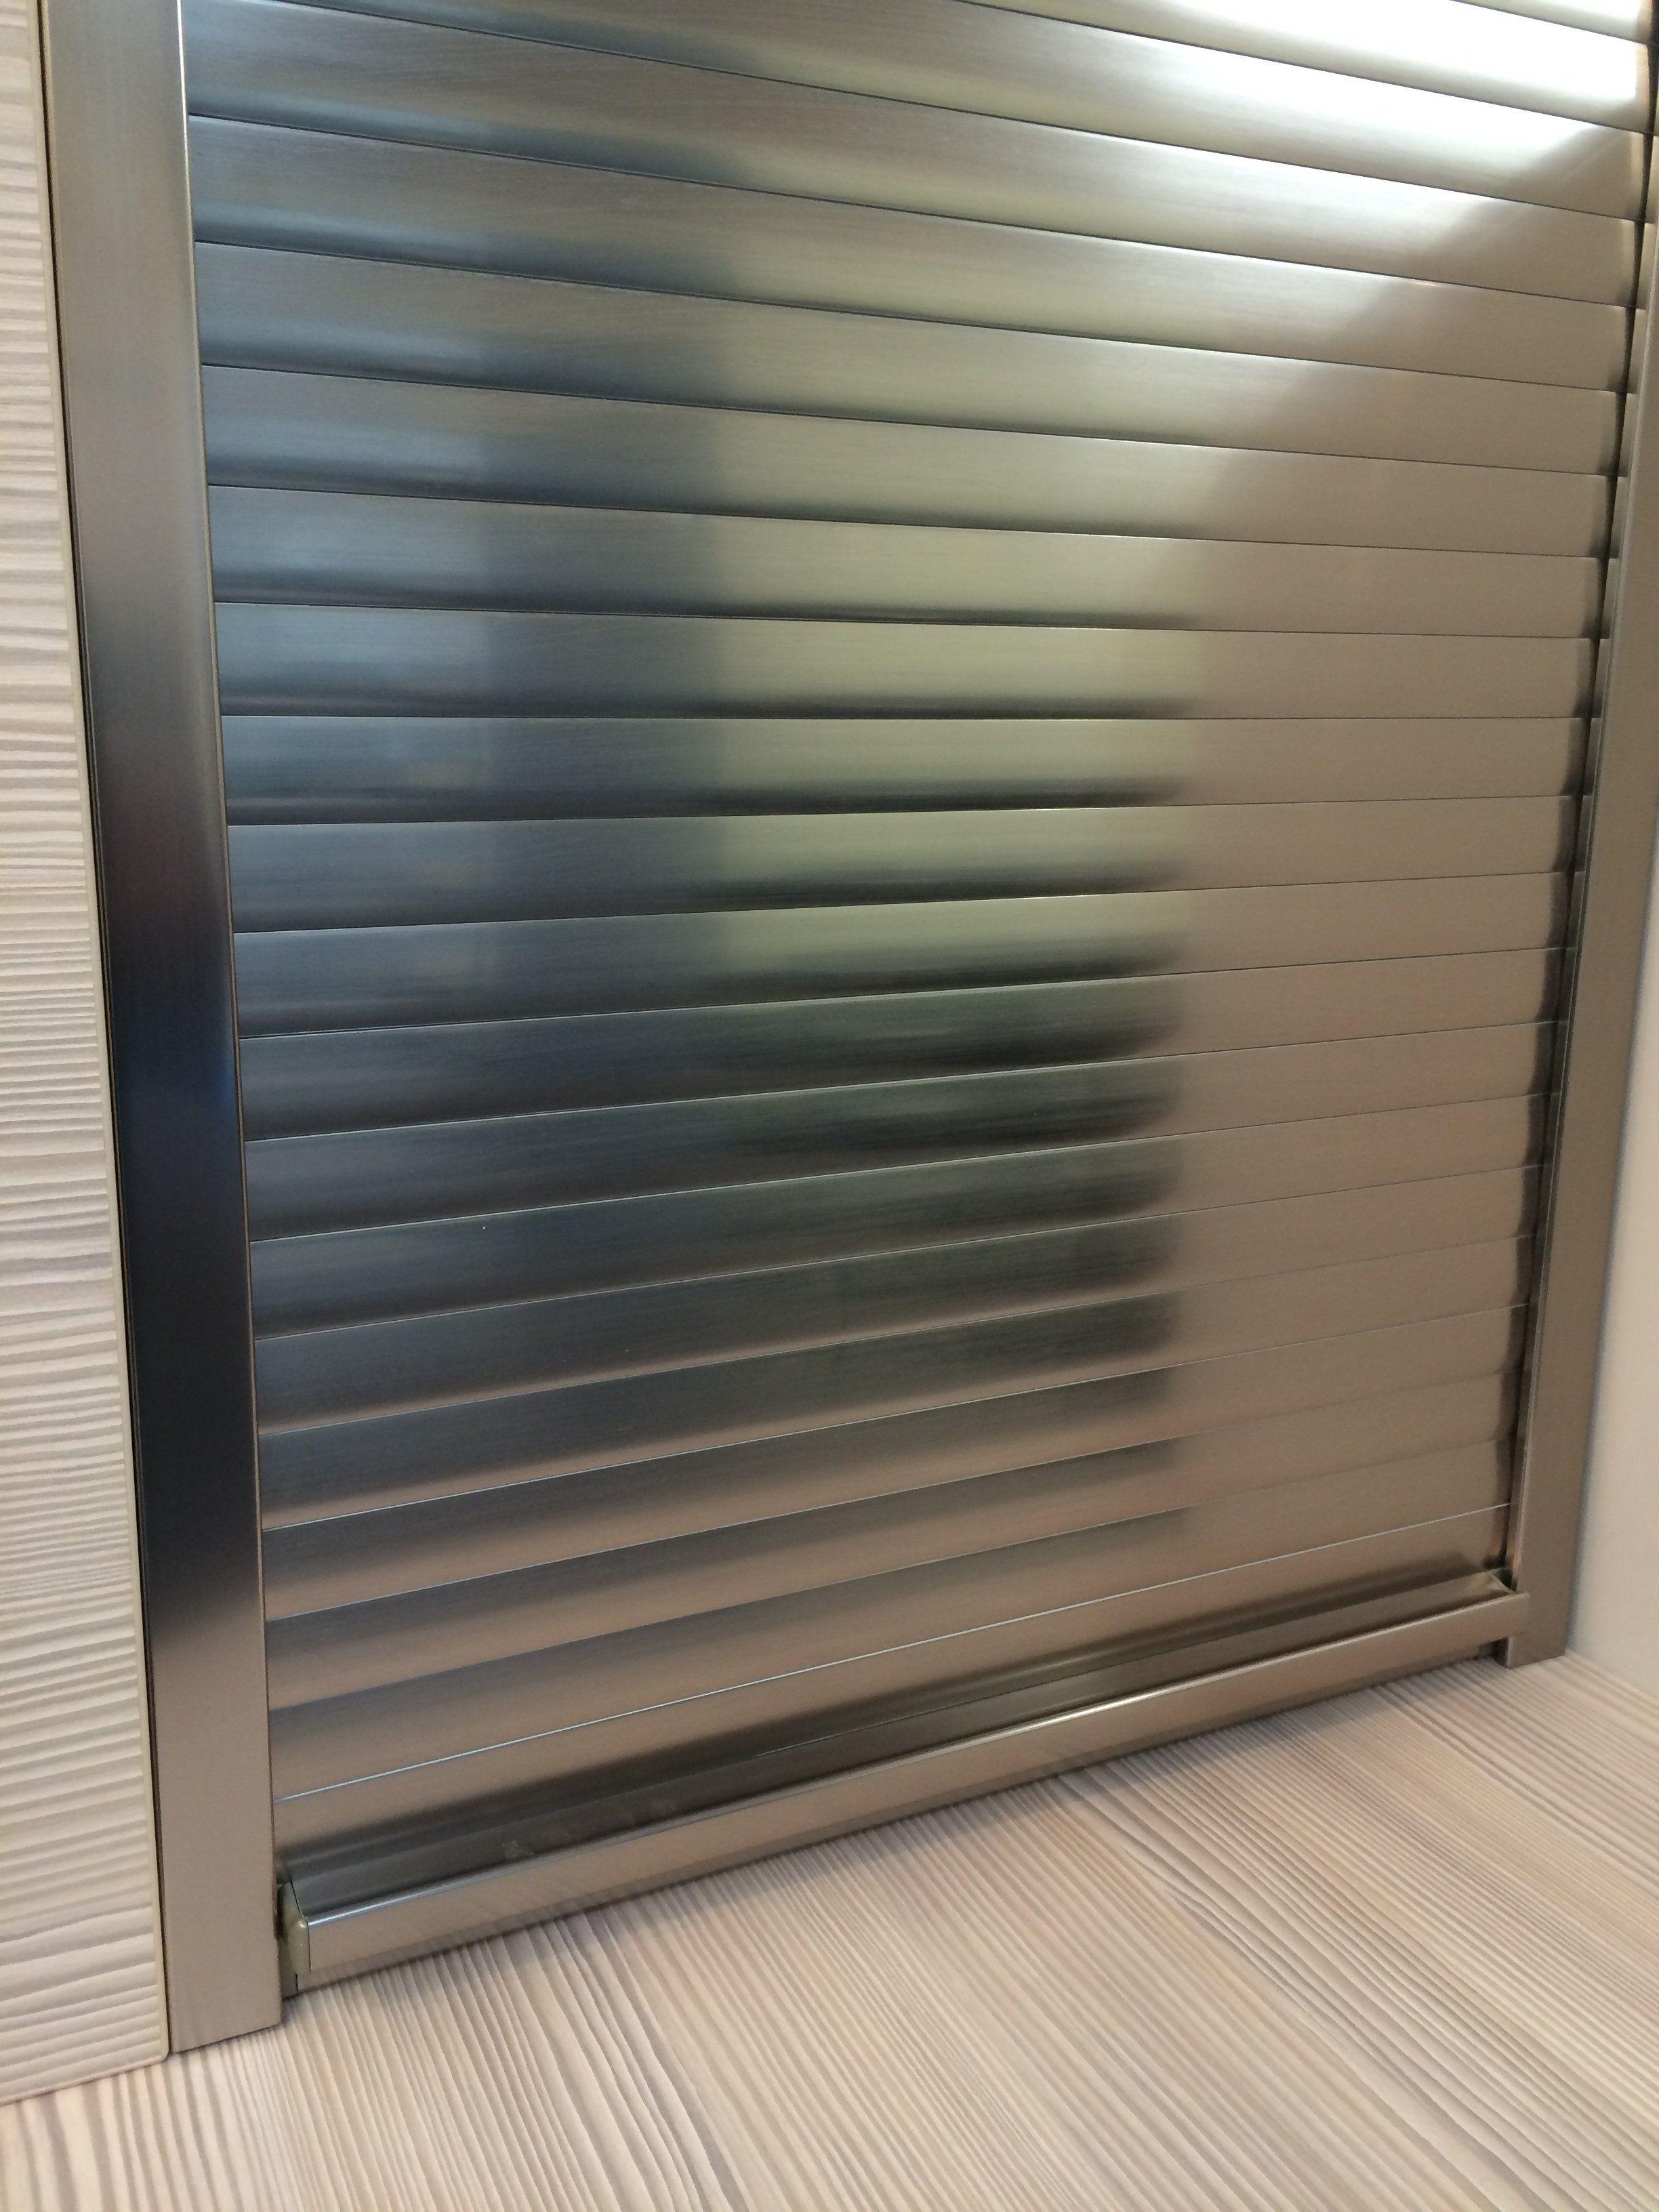 1000mm Tambour Door Kits Stainless Steel 1450mm High East Coast Kitchens Bedrooms Ltd Stainless Steel Doors Kitchen Doors Roller Doors